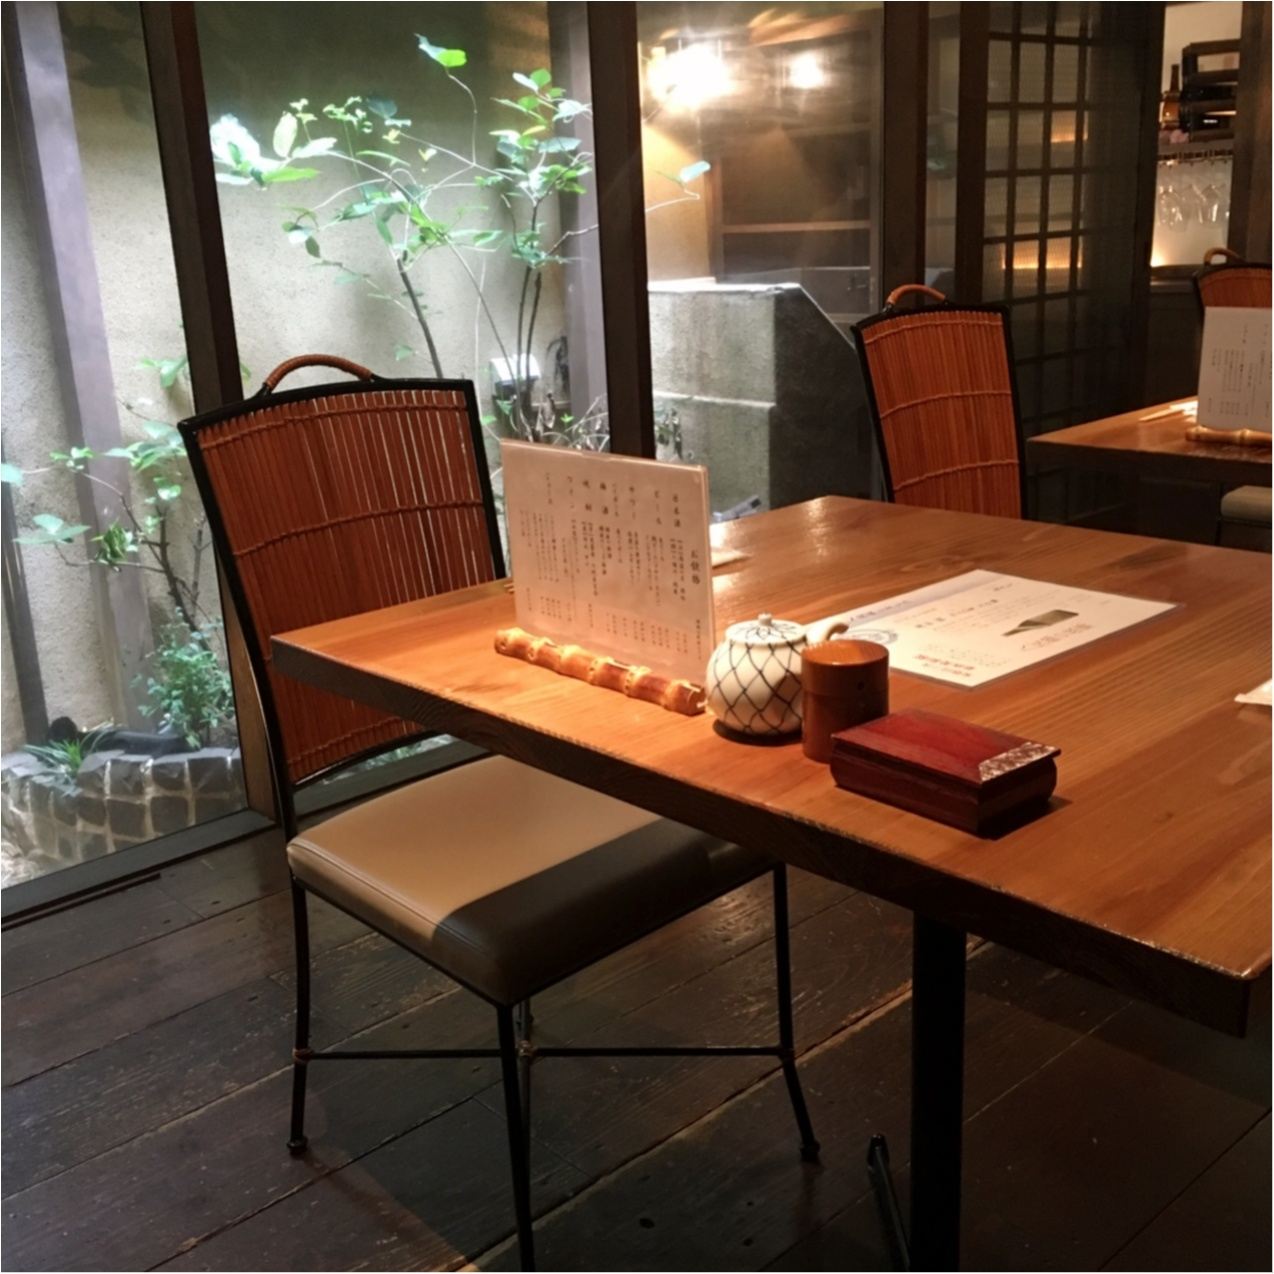 広島に行ったら食べたい!宮島名物《 あなごめし 》が手軽に食べられるお店♡_3